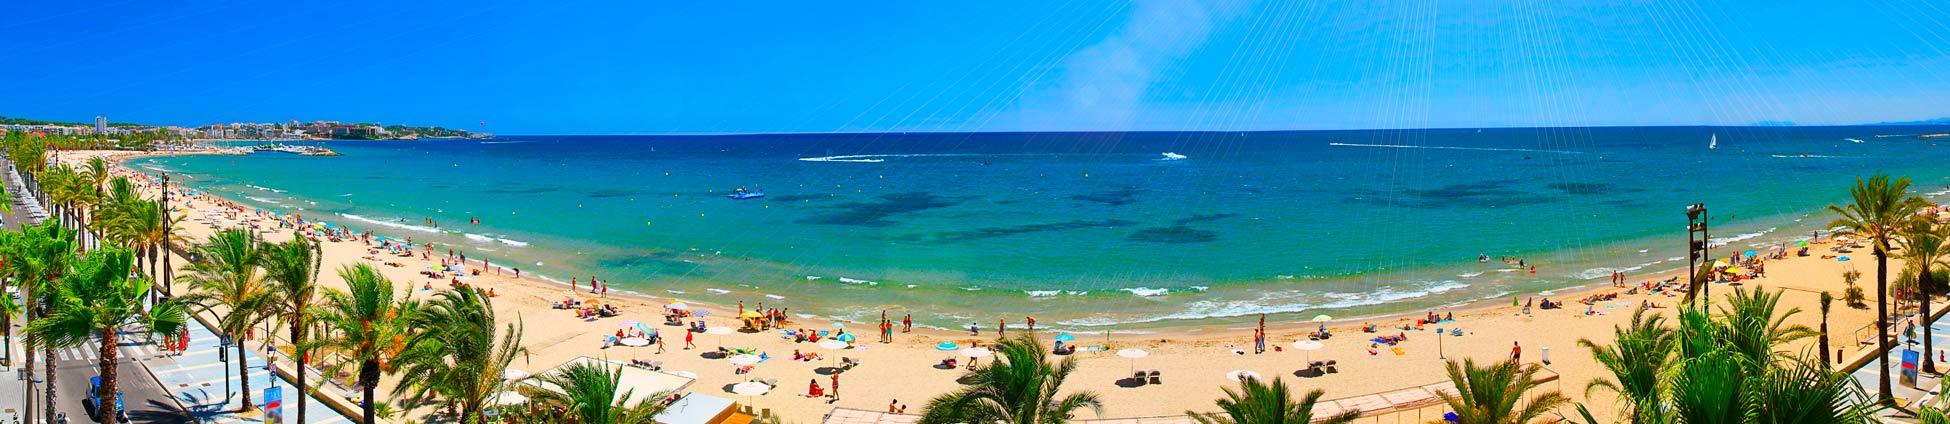 Alquiler costa dorada 550 alquileres de vacaciones con litoral - Alquiler casas vacacionales costa dorada ...